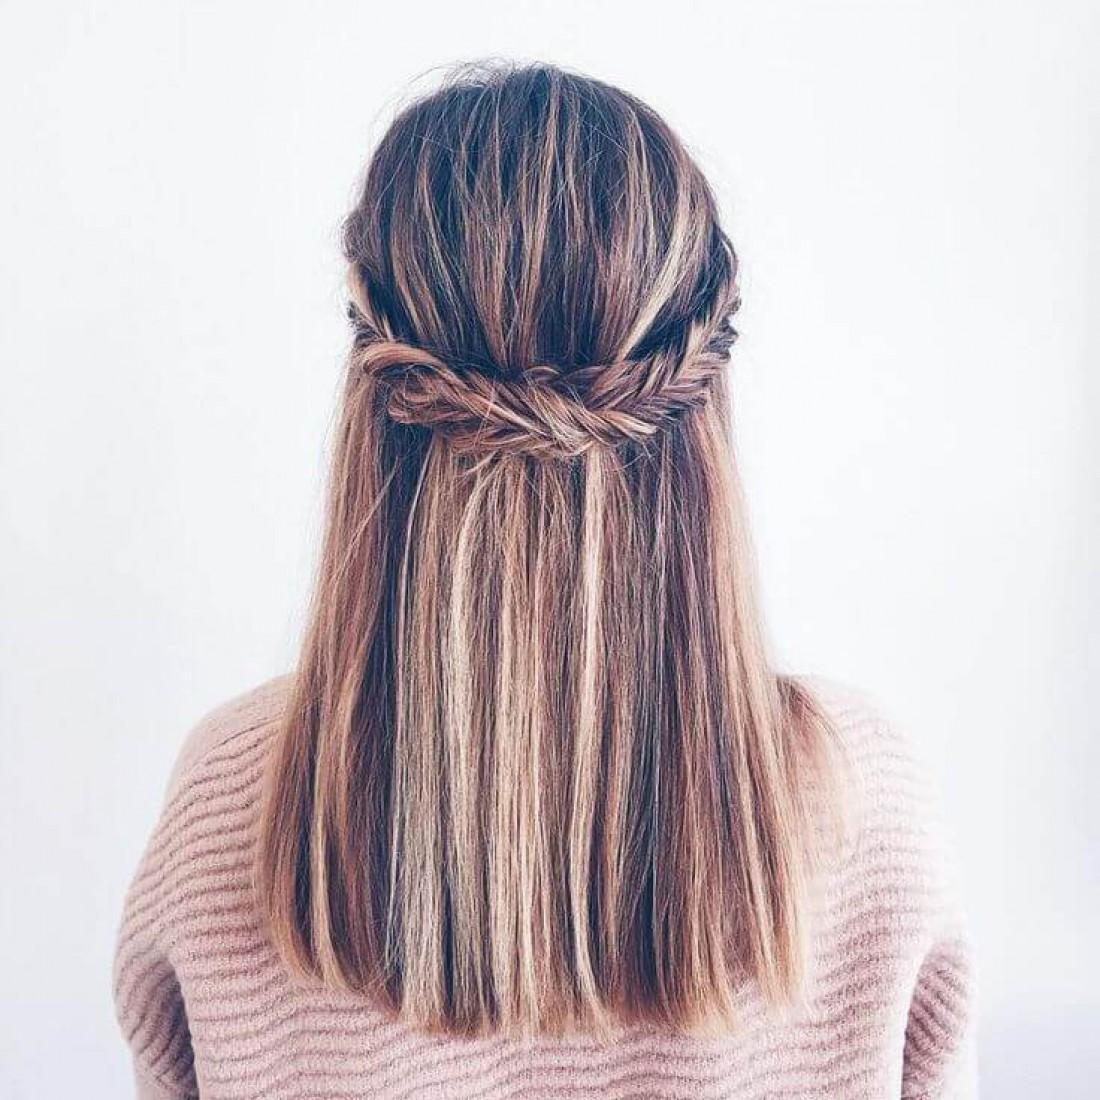 Спровоцировать выпадение волос может множество причин, начиная от генетической предрасположенности и заканчивая стрессом